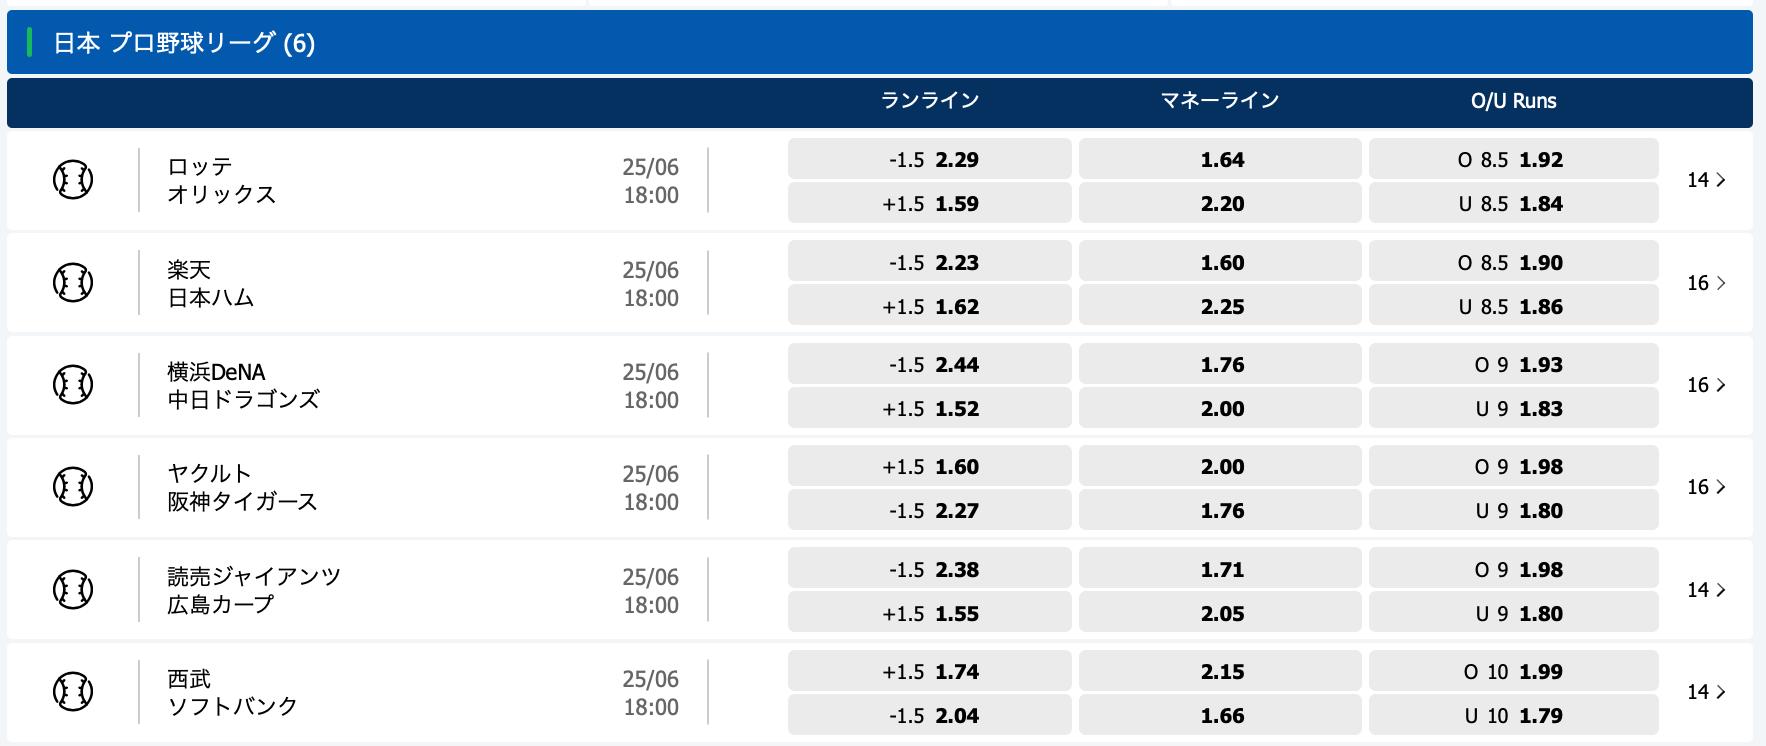 2020.6.25 プロ野球オッズ・10bet Japan